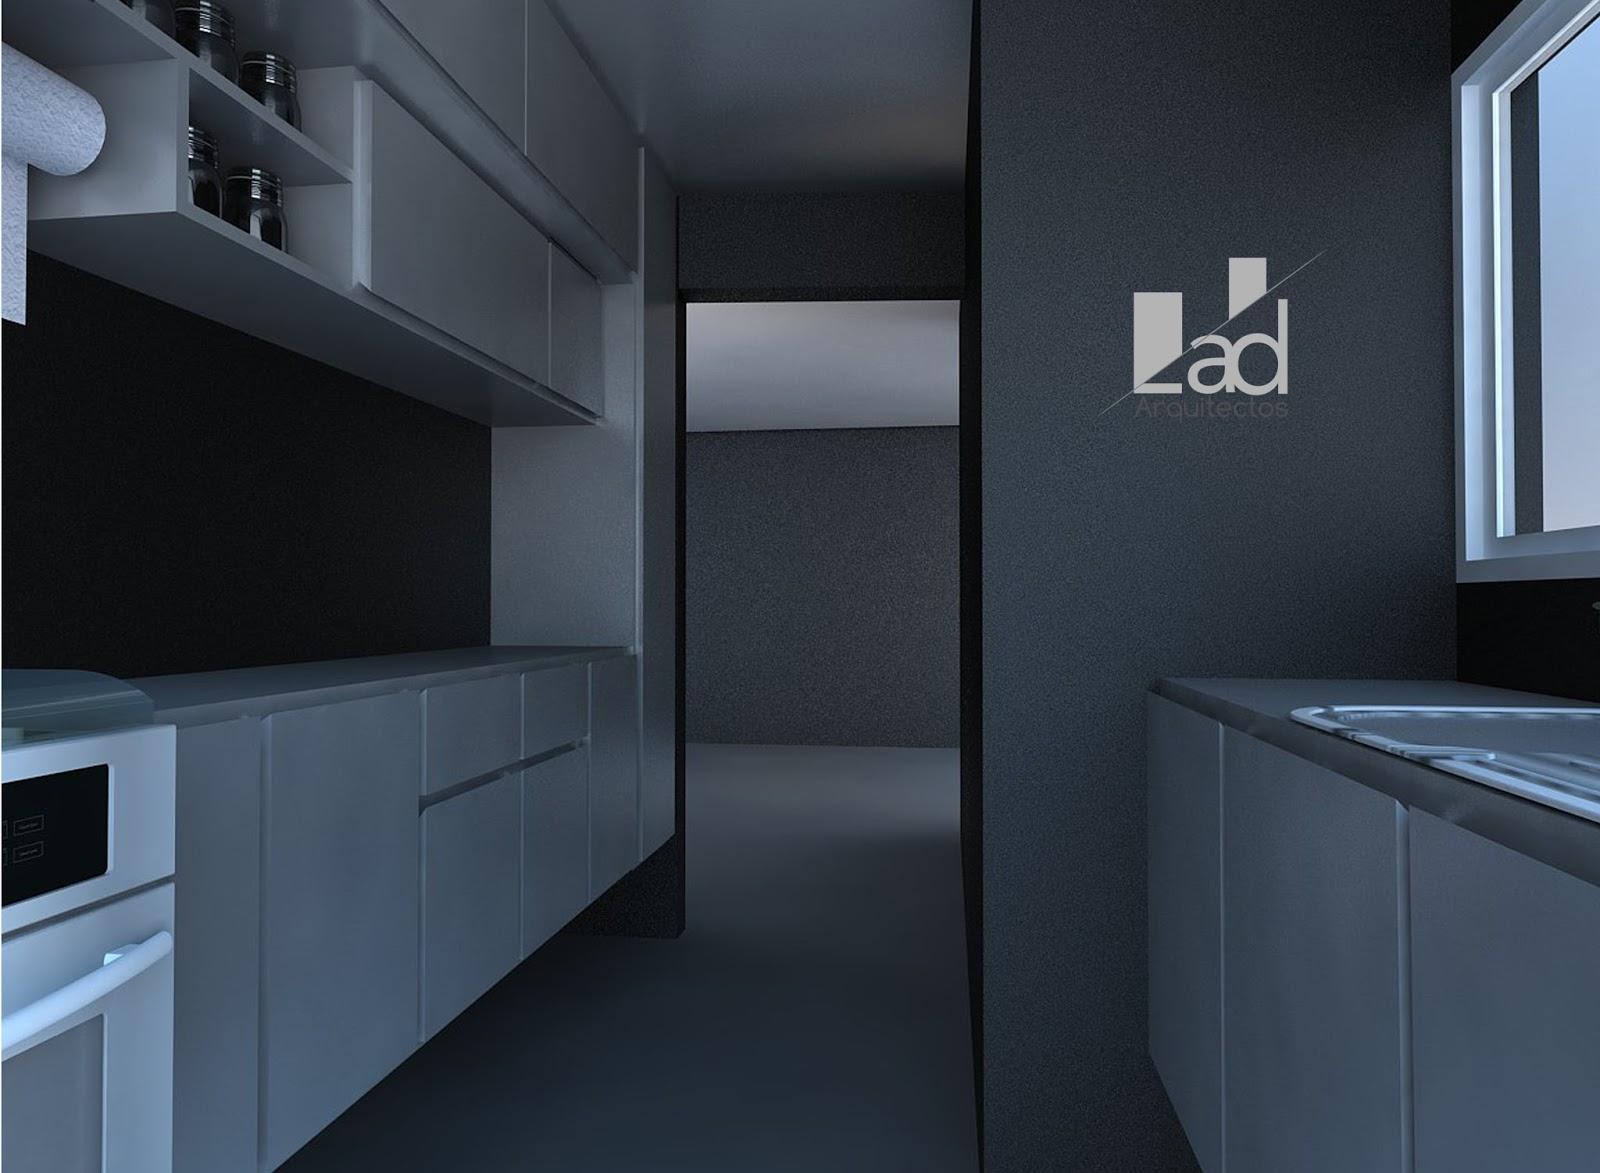 Arquitectura y dise o lad arquitectos mobiliario for Mobiliario cocina